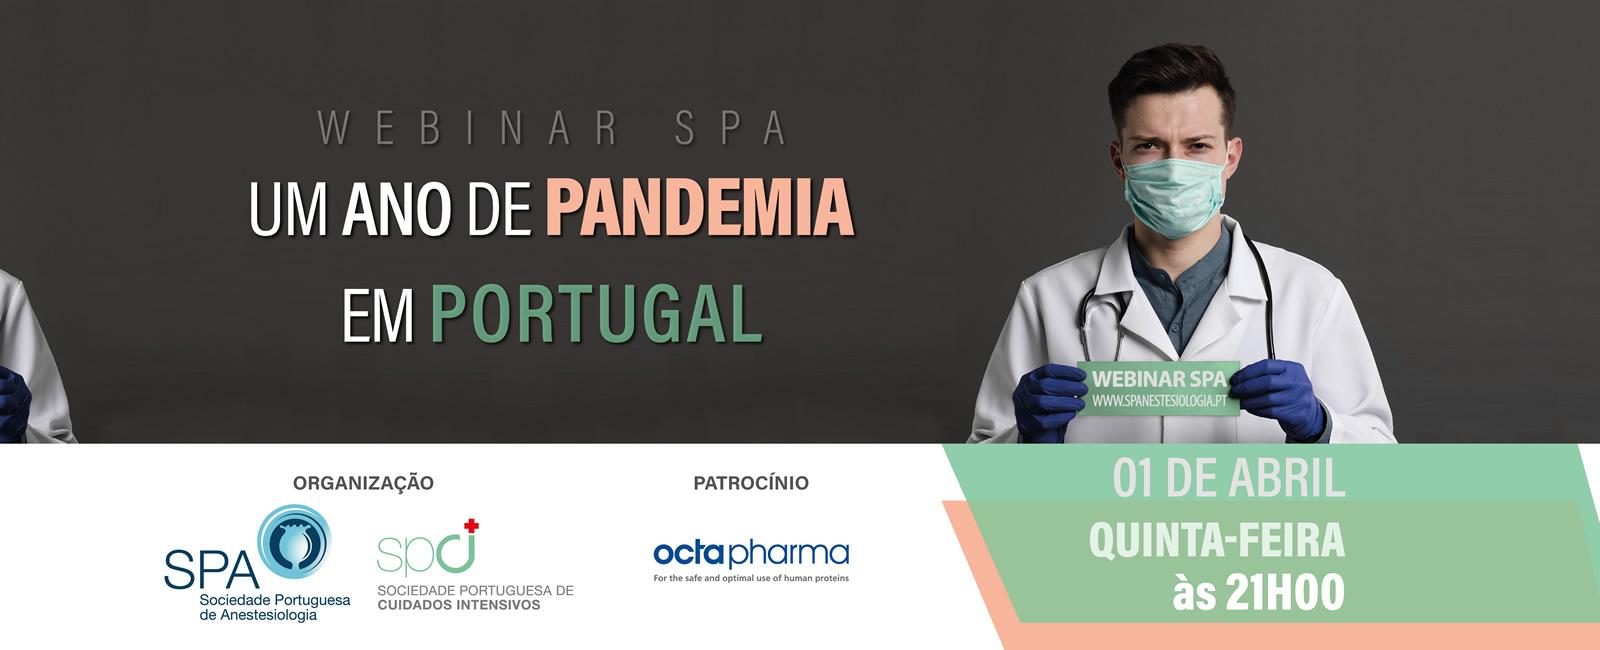 Um ano de Pandemia em Portugal: webinar da Sociedade Portuguesa de Anestesiologia